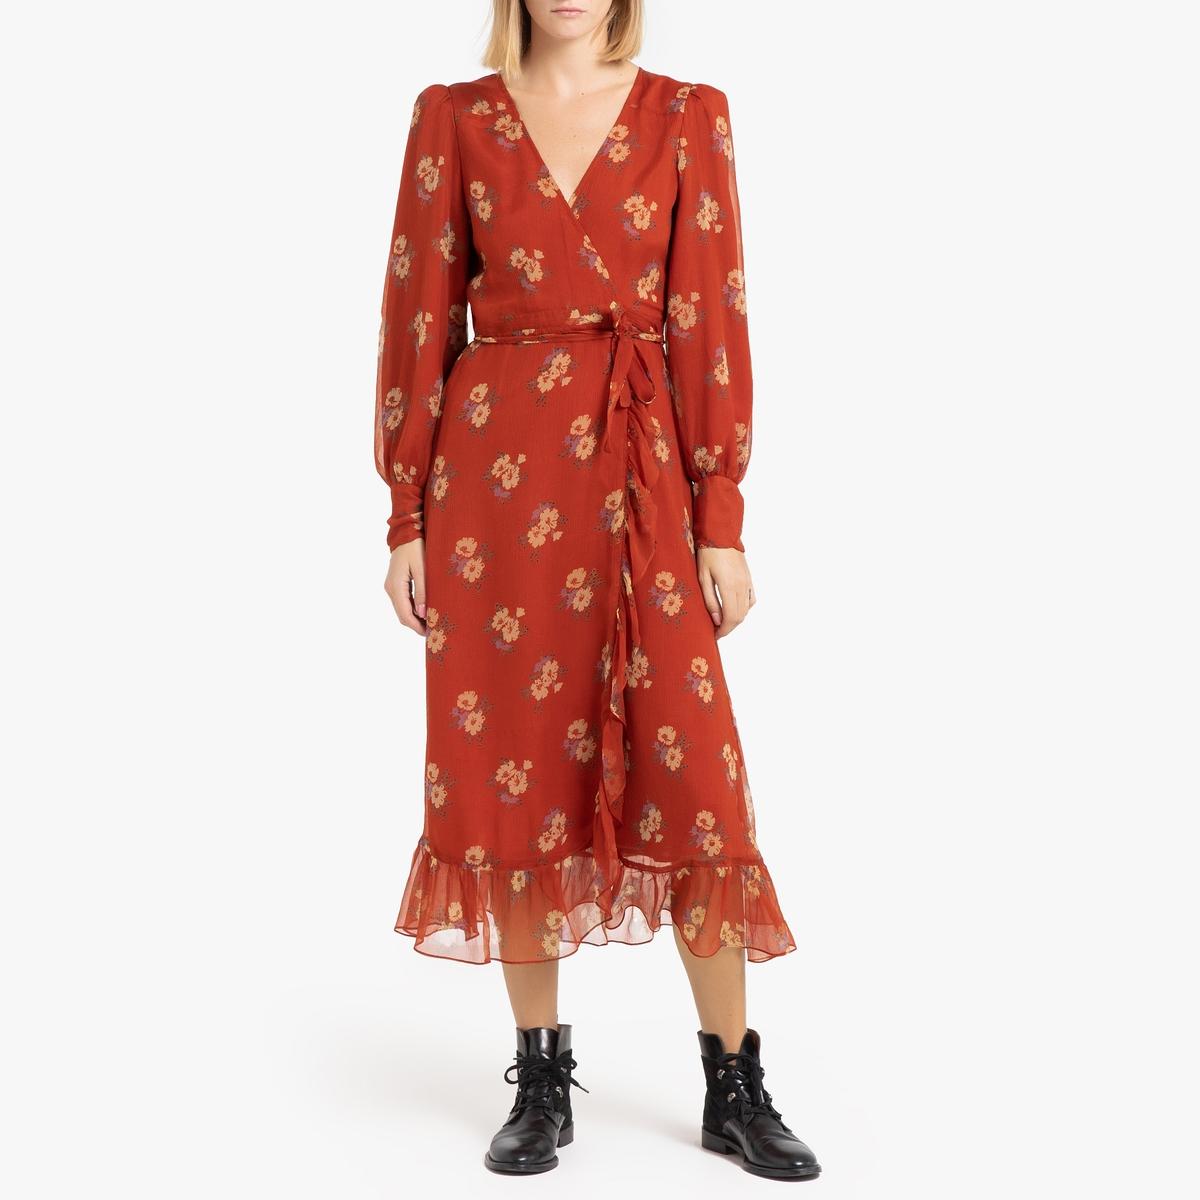 Платье La Redoute Длинное прямое с длинными рукавами AMELIE L желтый классическое платье с длинными рукавами и складками на юбке liu jo